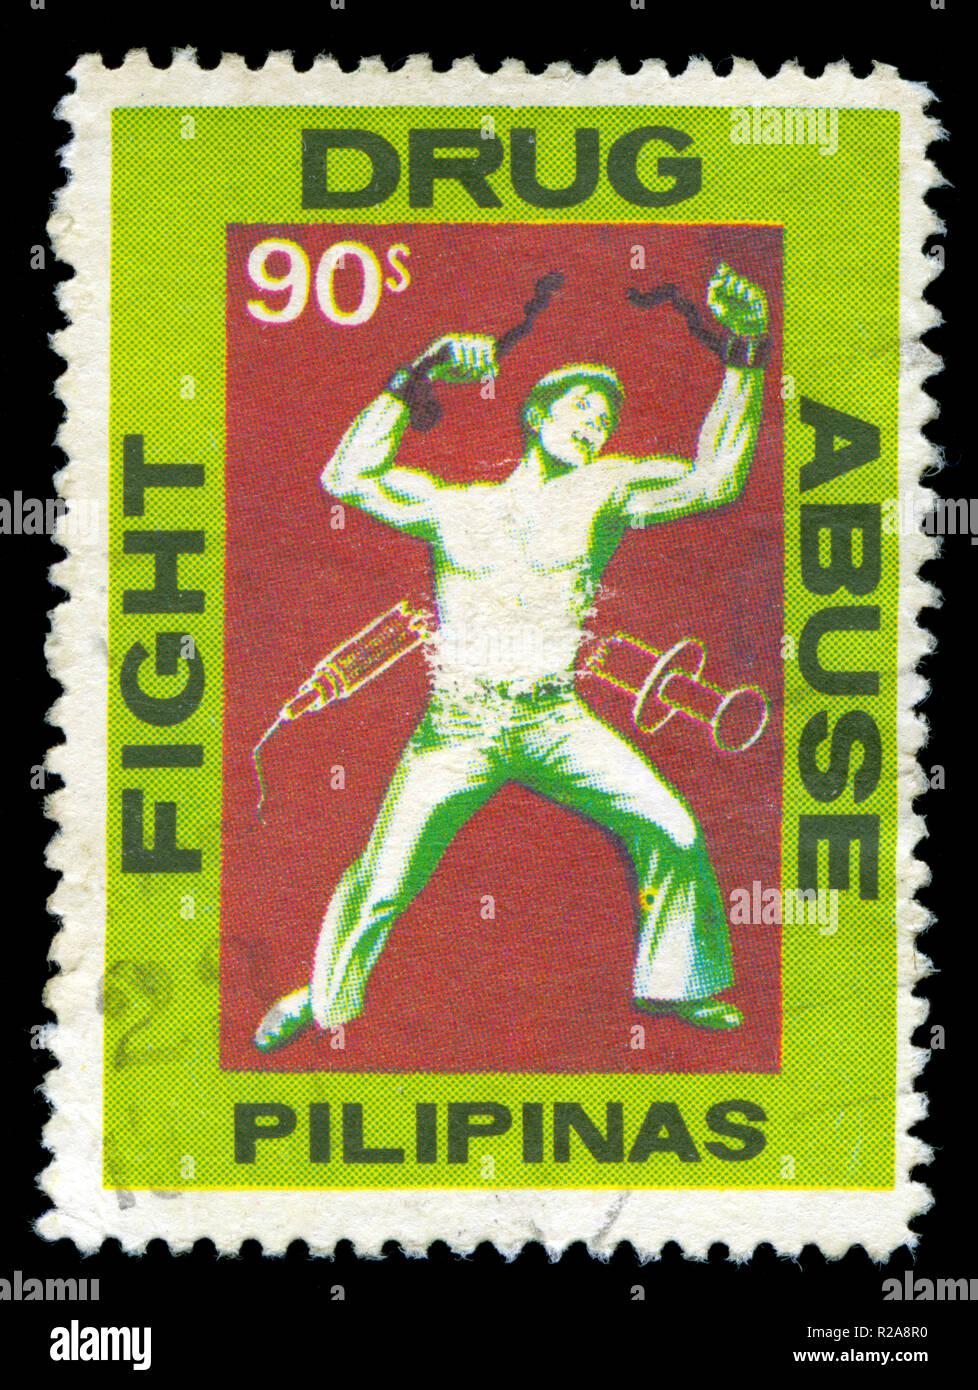 Francobollo dalle Filippine nel combattere la droga serie emesse nel 1979 Immagini Stock